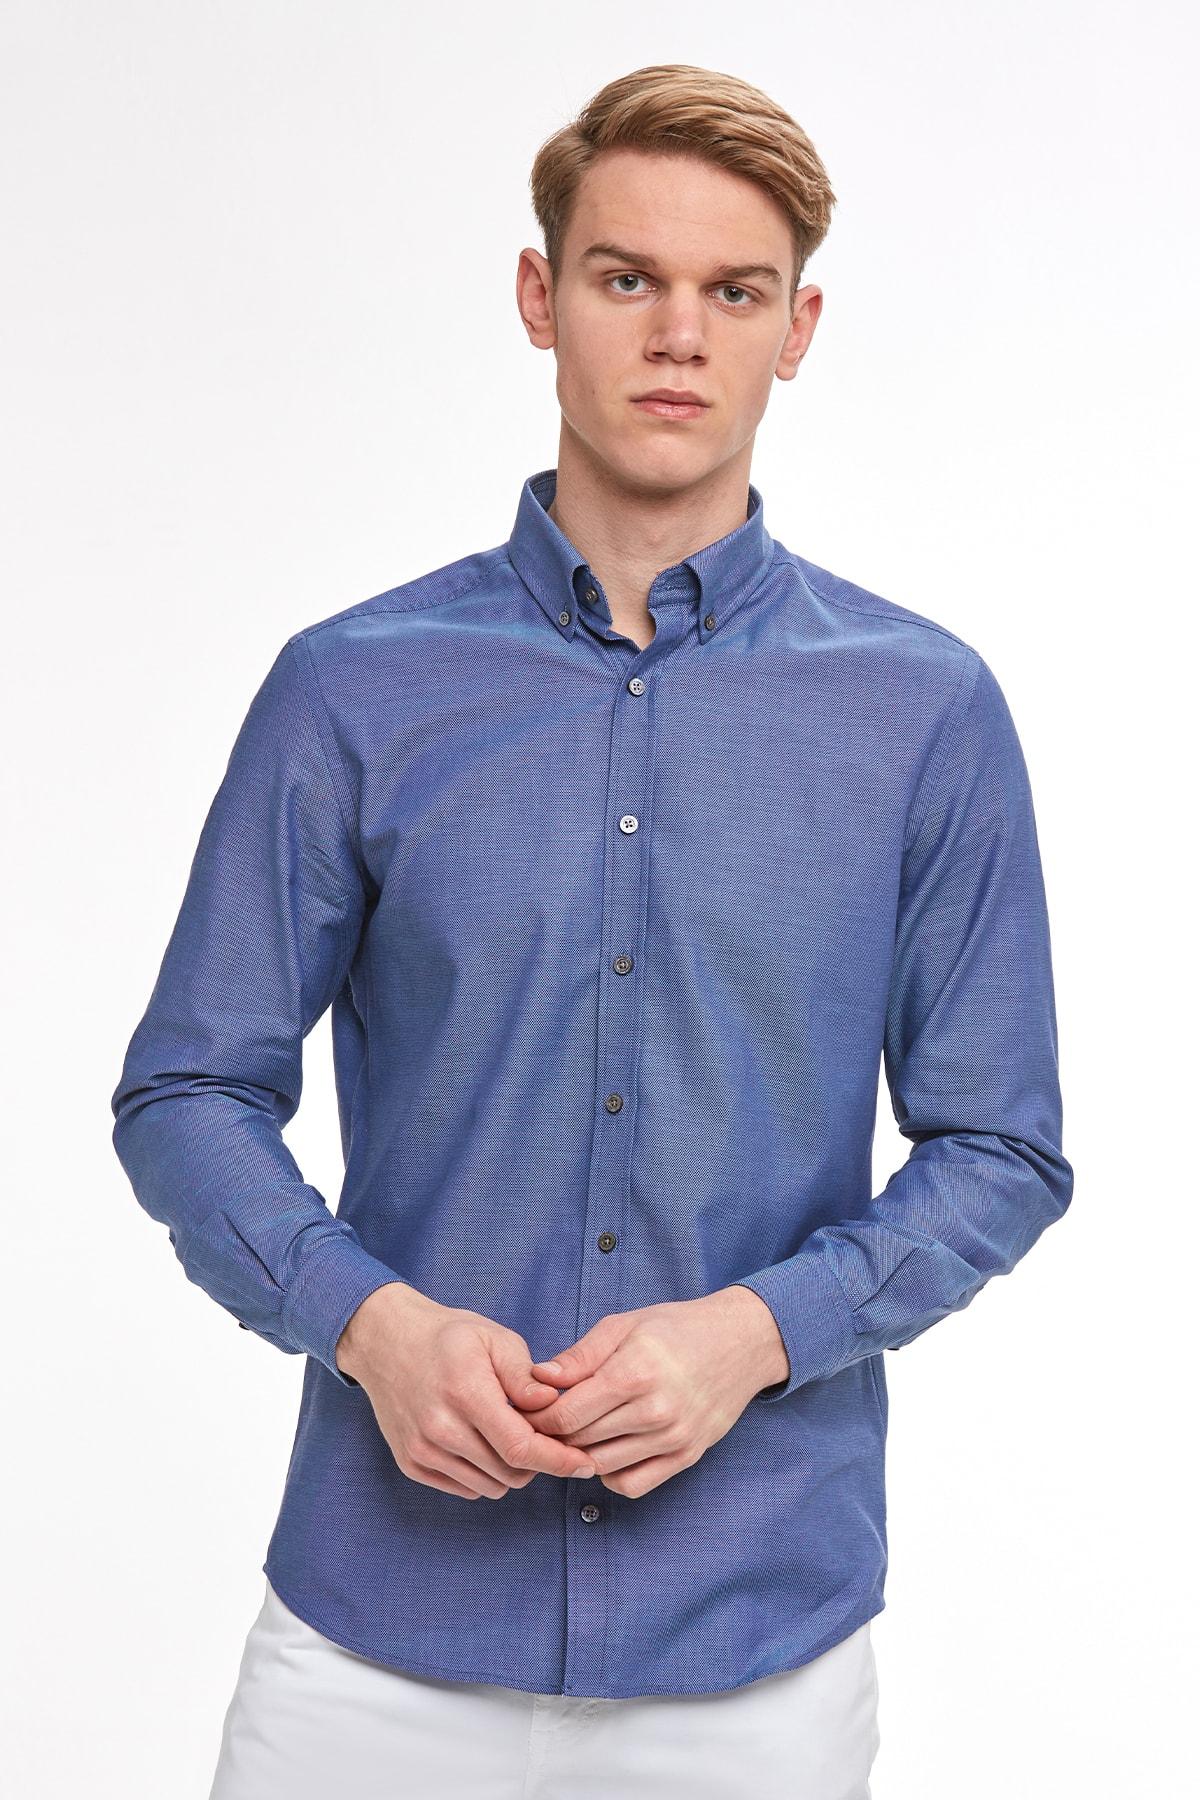 Hemington Lacivert Yazlık Oxford Gömlek Lacivert L 1